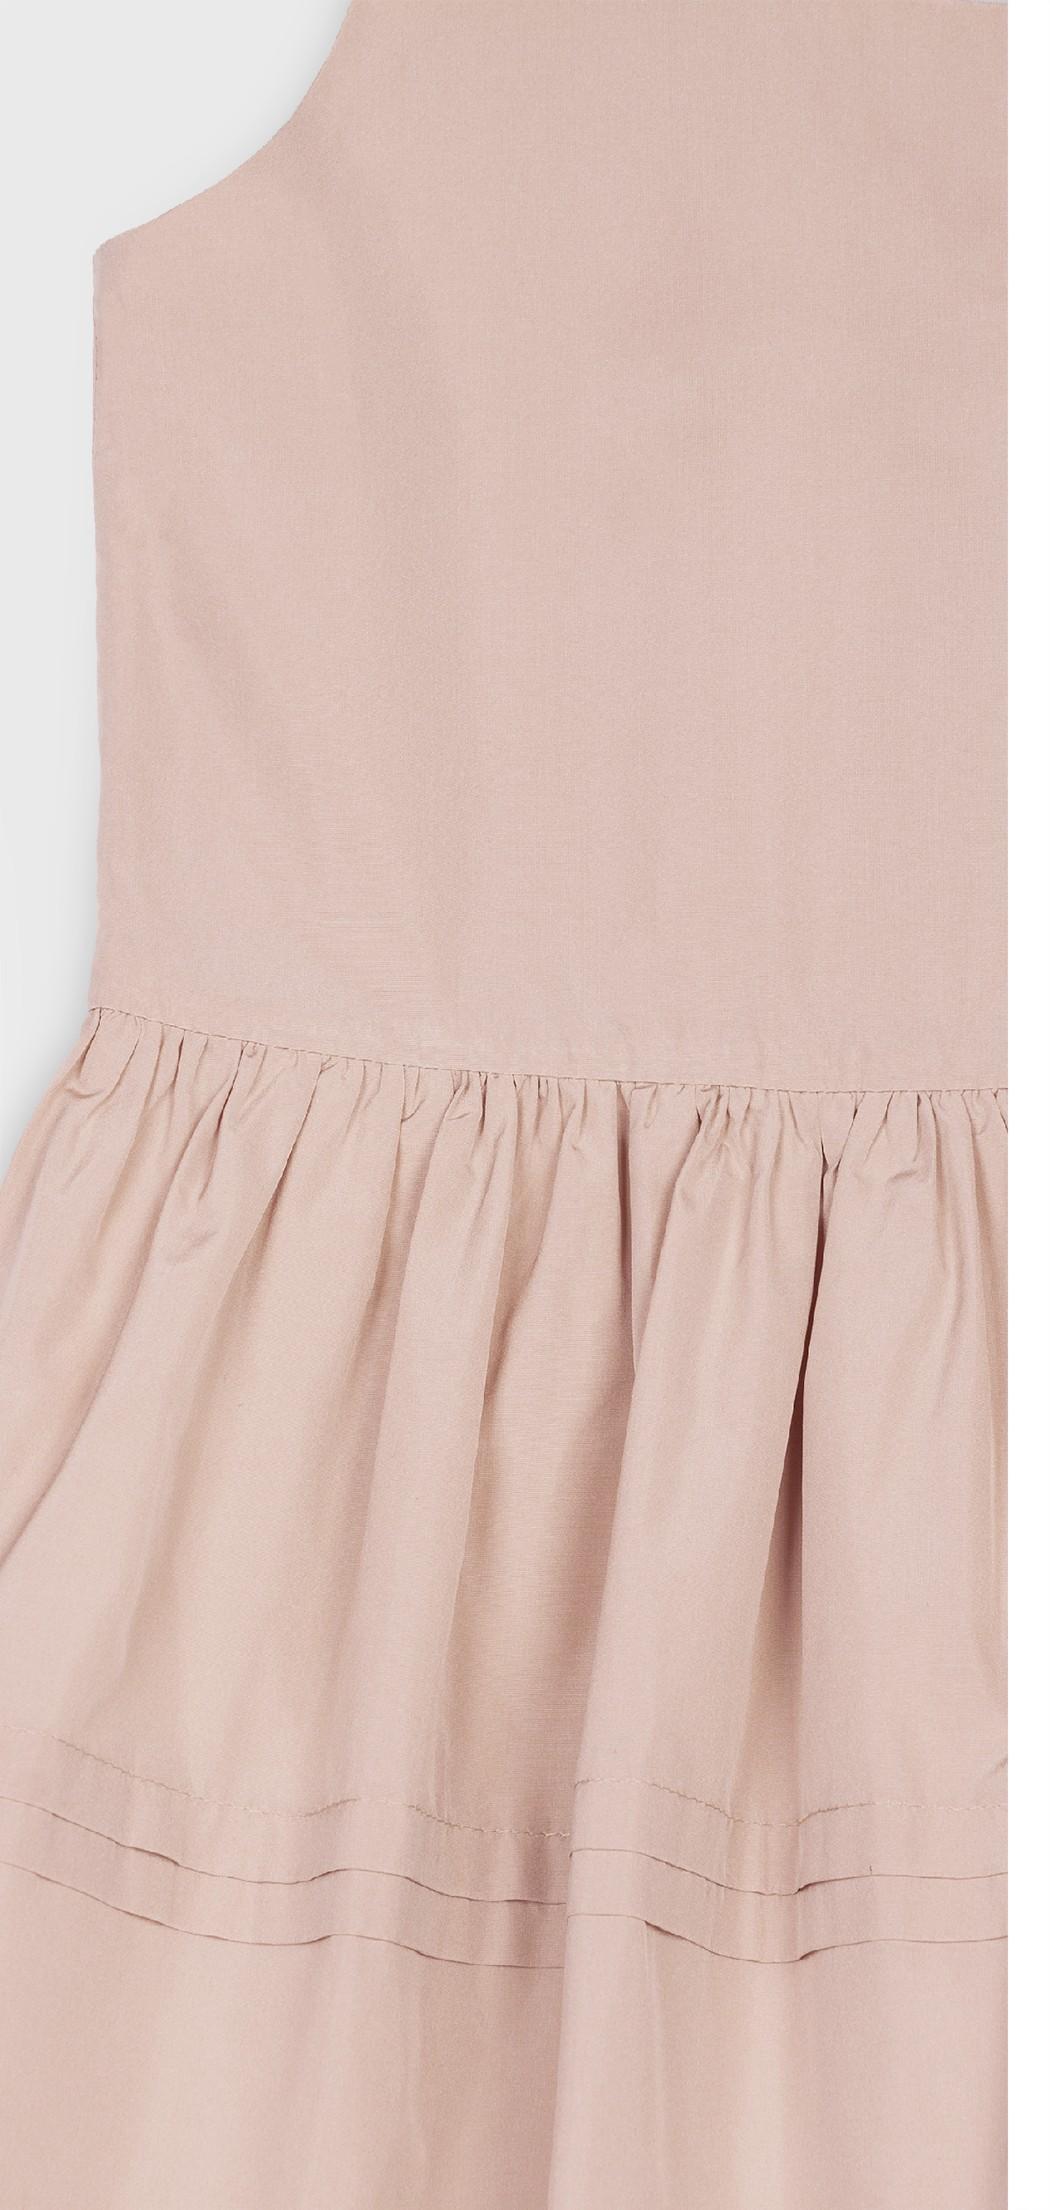 PINK TAFFETA PLEATED DRESS